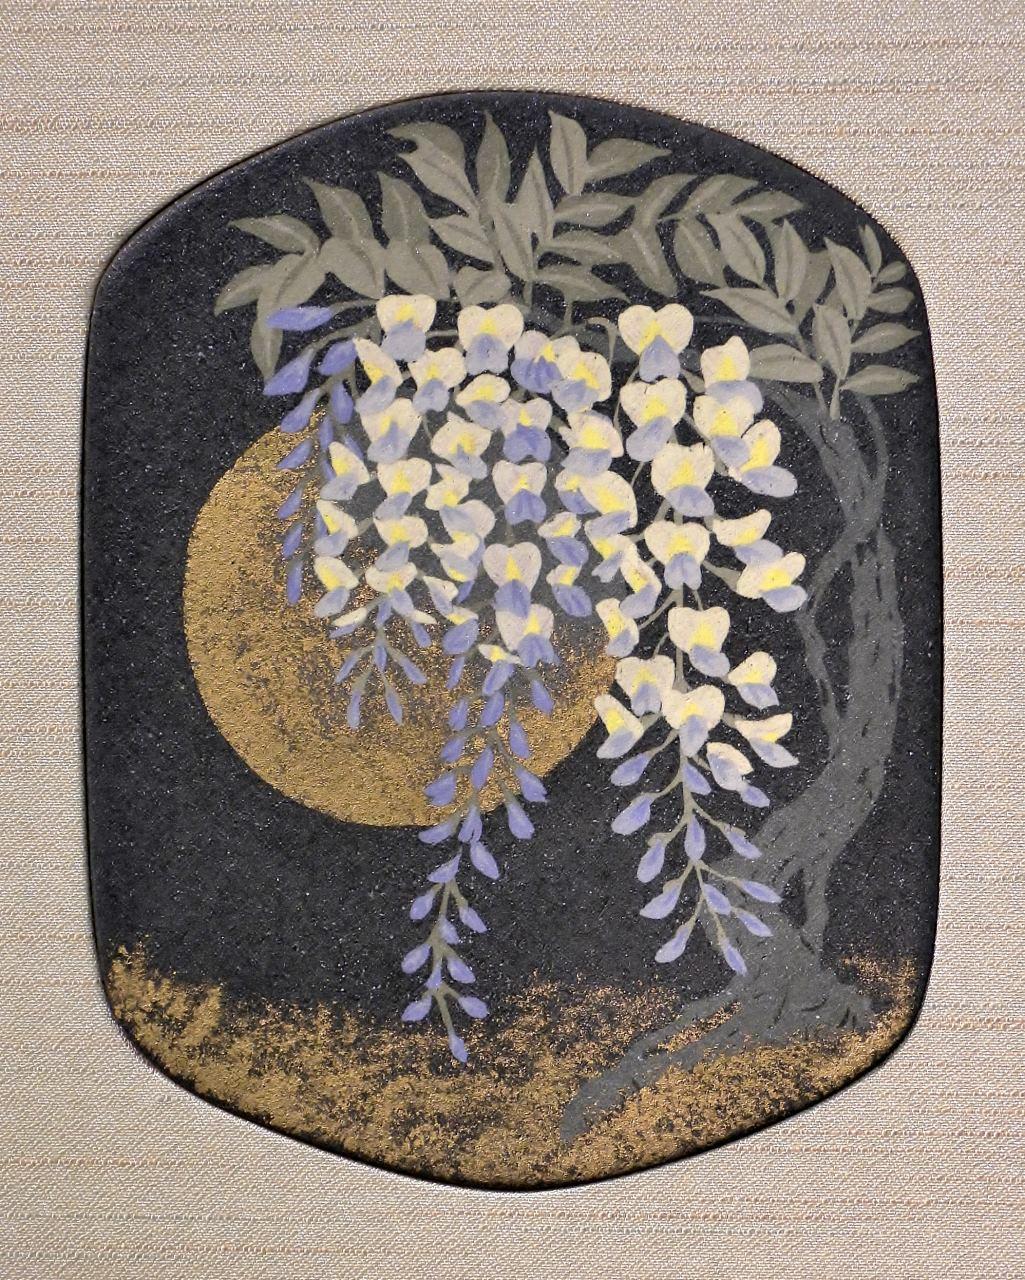 『三戸綾乃作陶展』から_c0305565_17292006.jpg